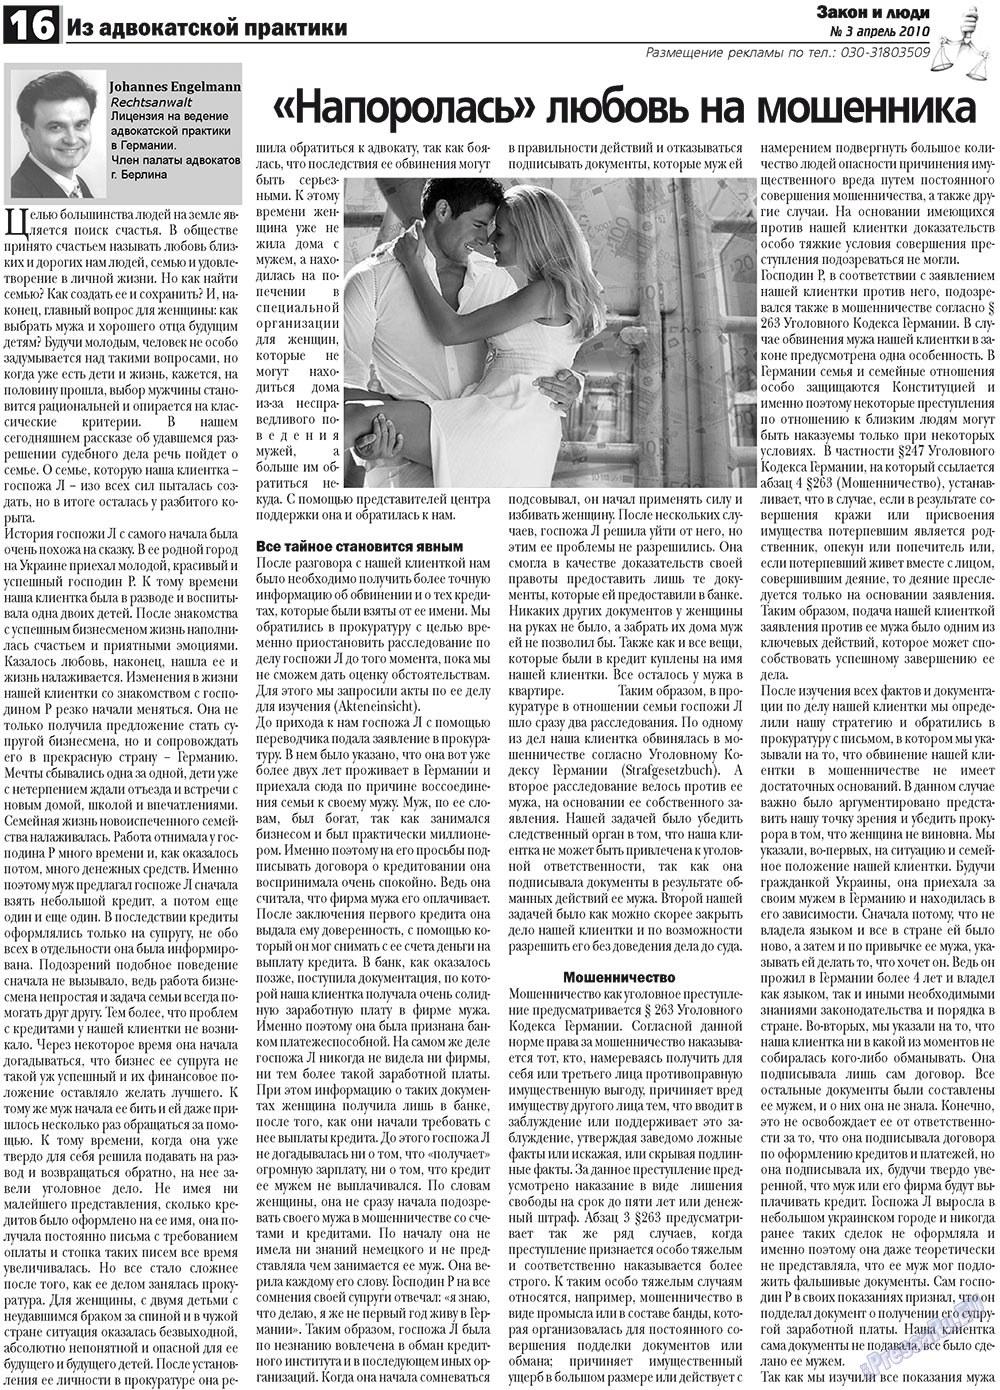 Закон и люди (газета). 2010 год, номер 3, стр. 16